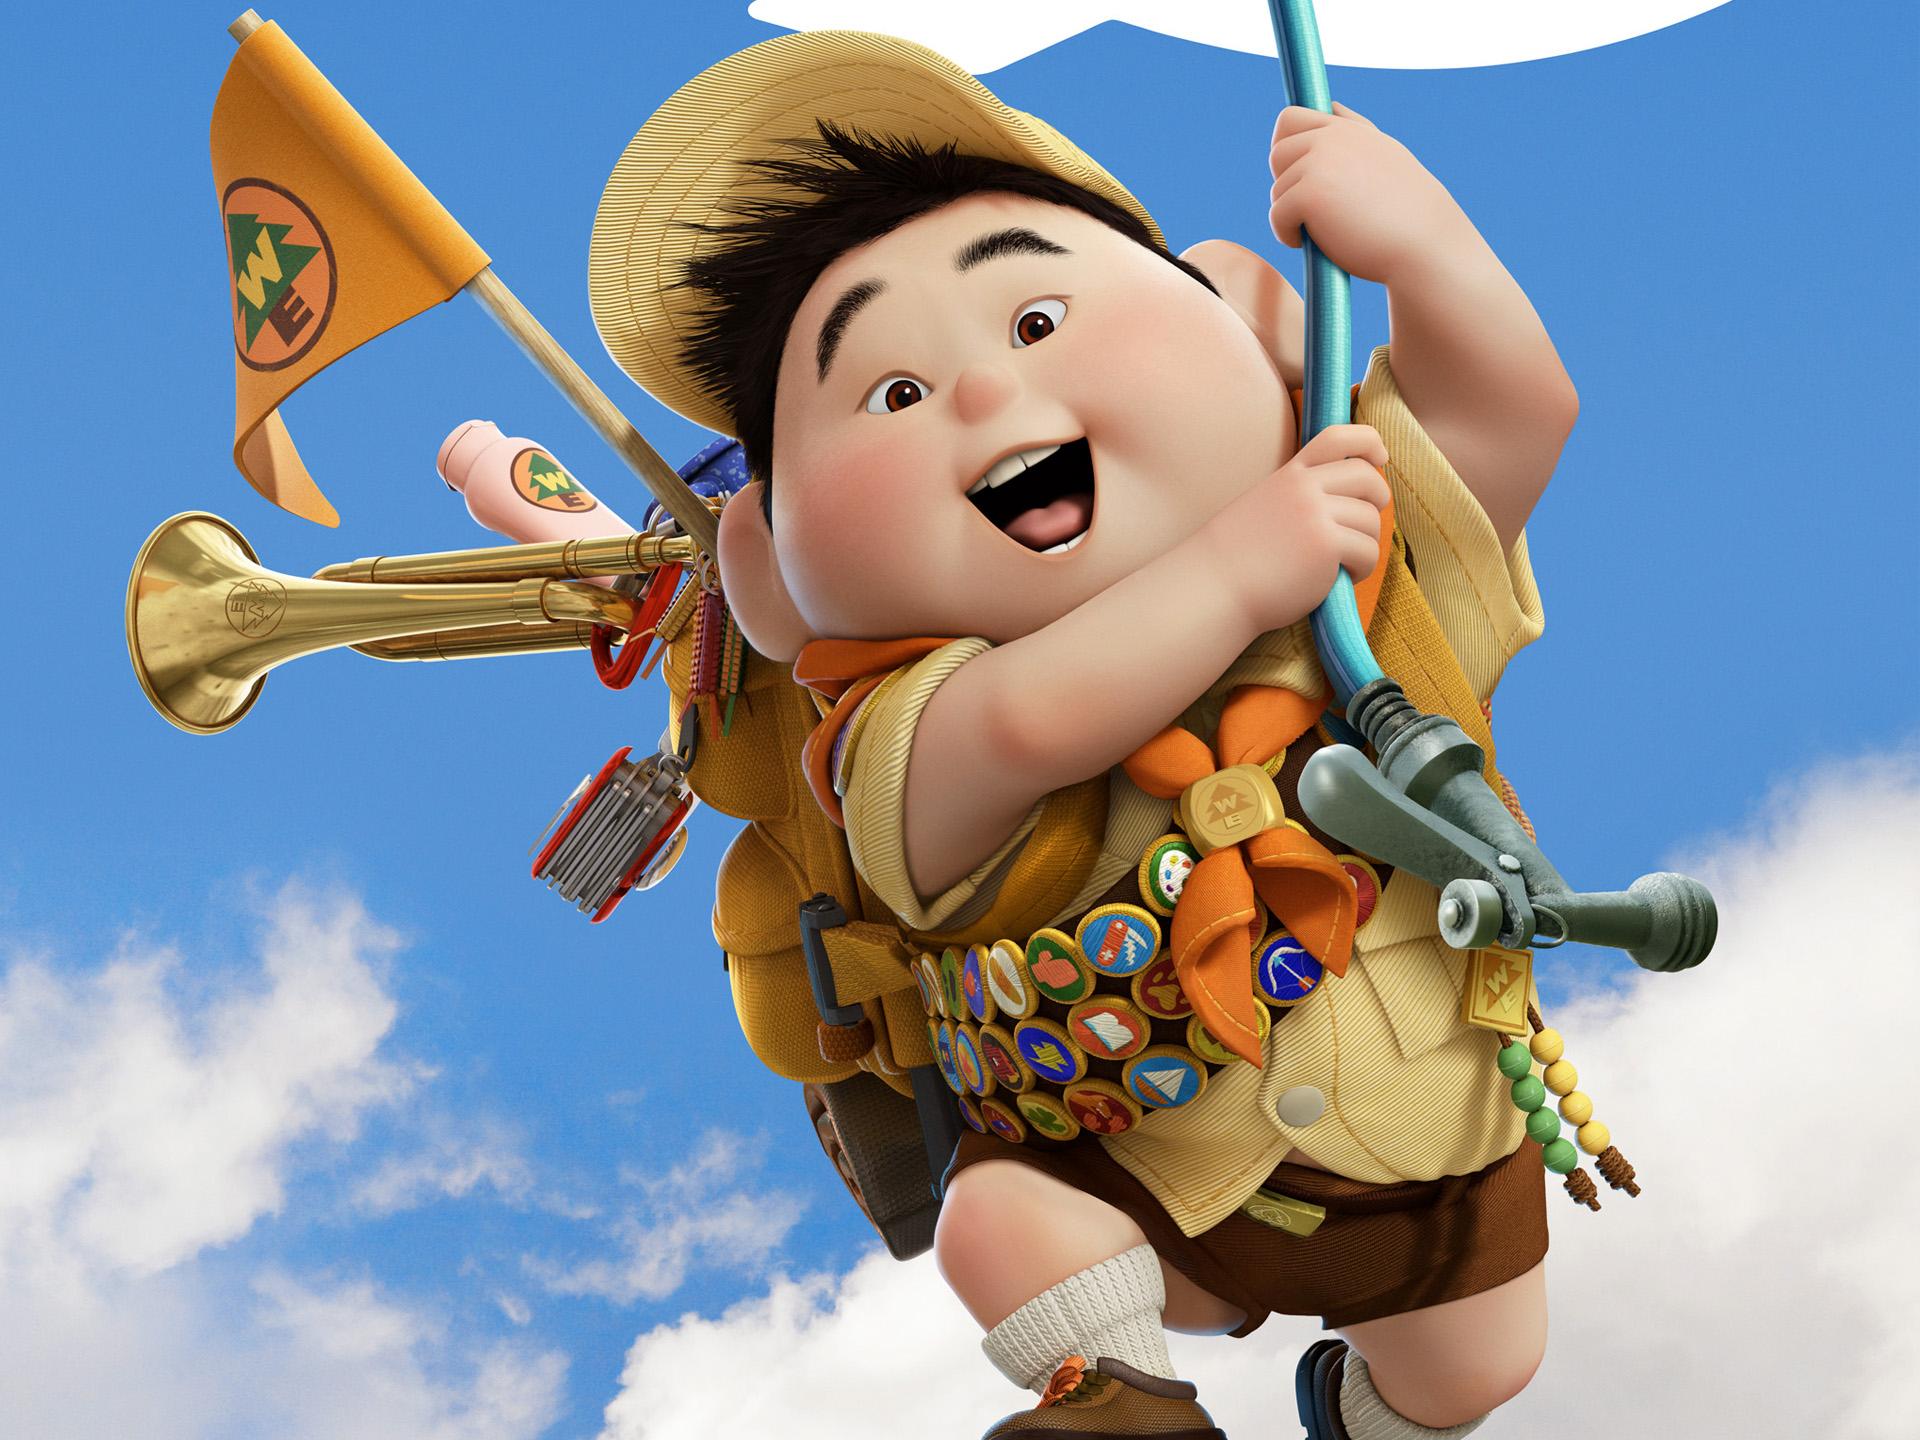 Disney Pixar Up Wallpaper Backgrounds Desktop Wallpapers 1920x1440